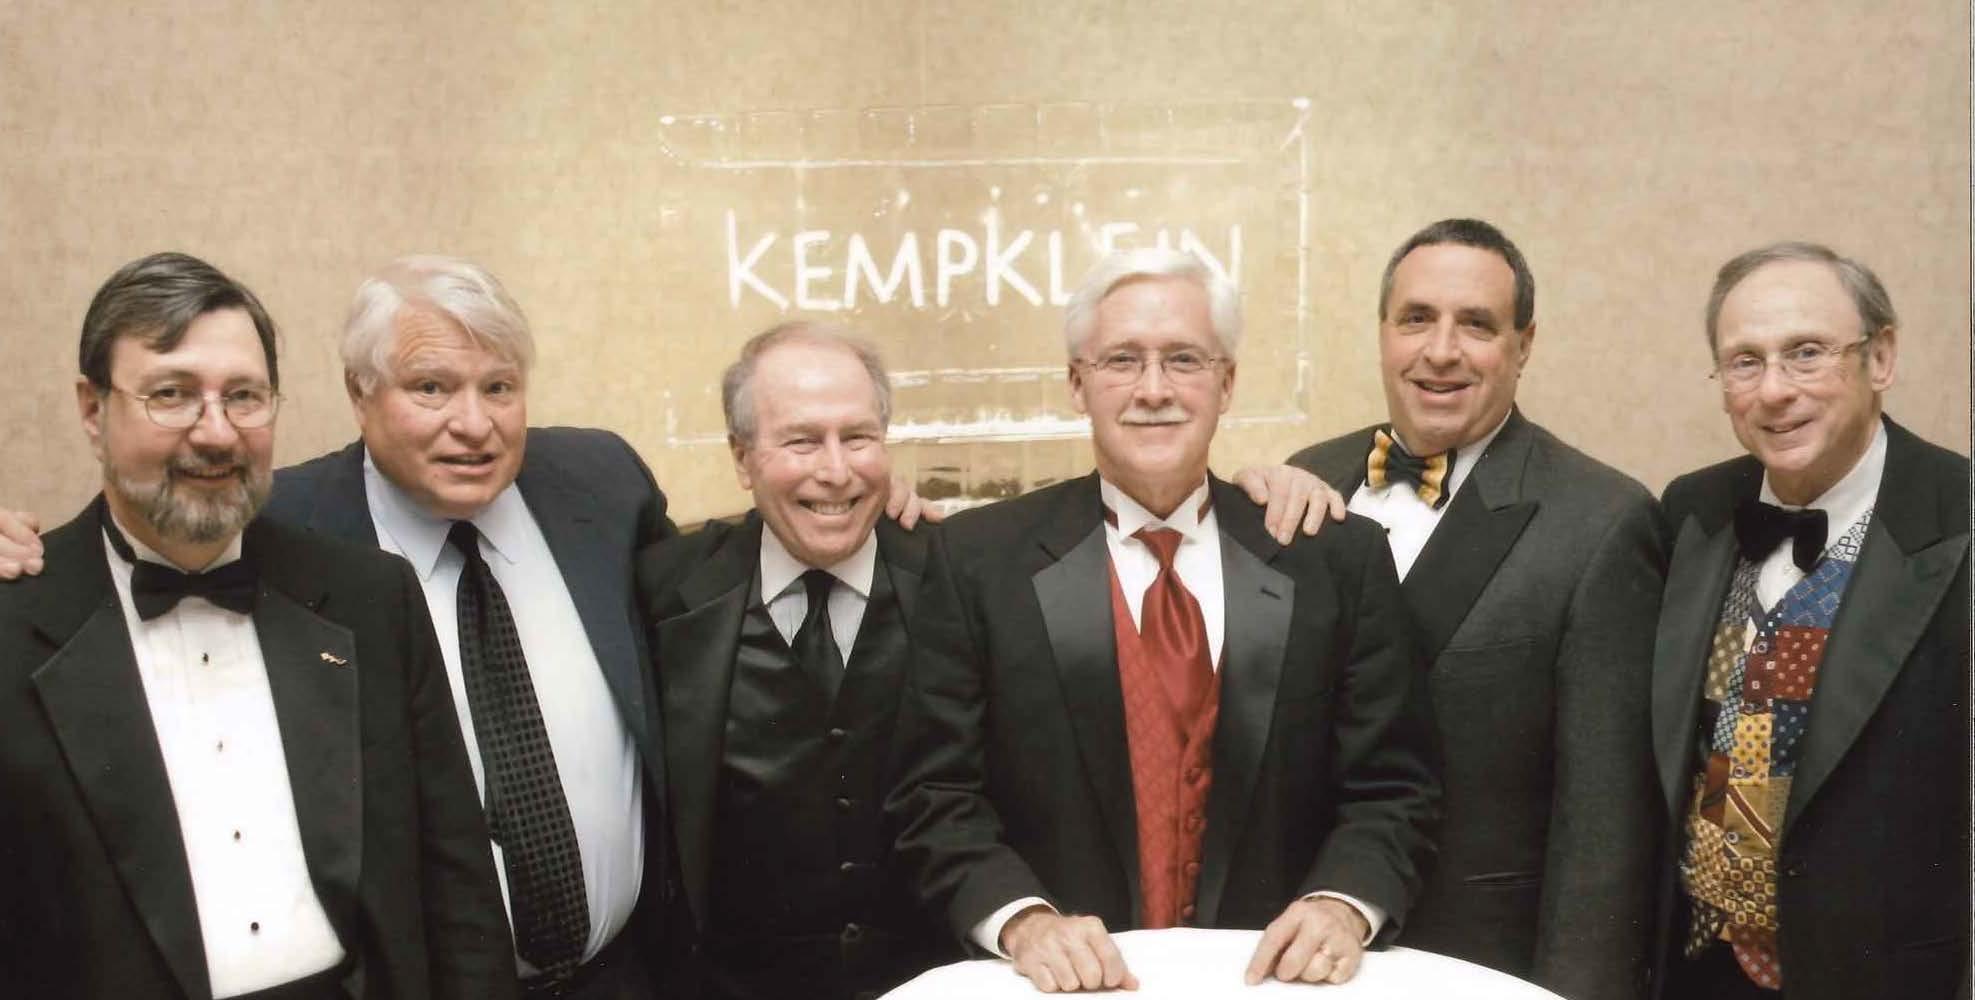 Klein Law Firm